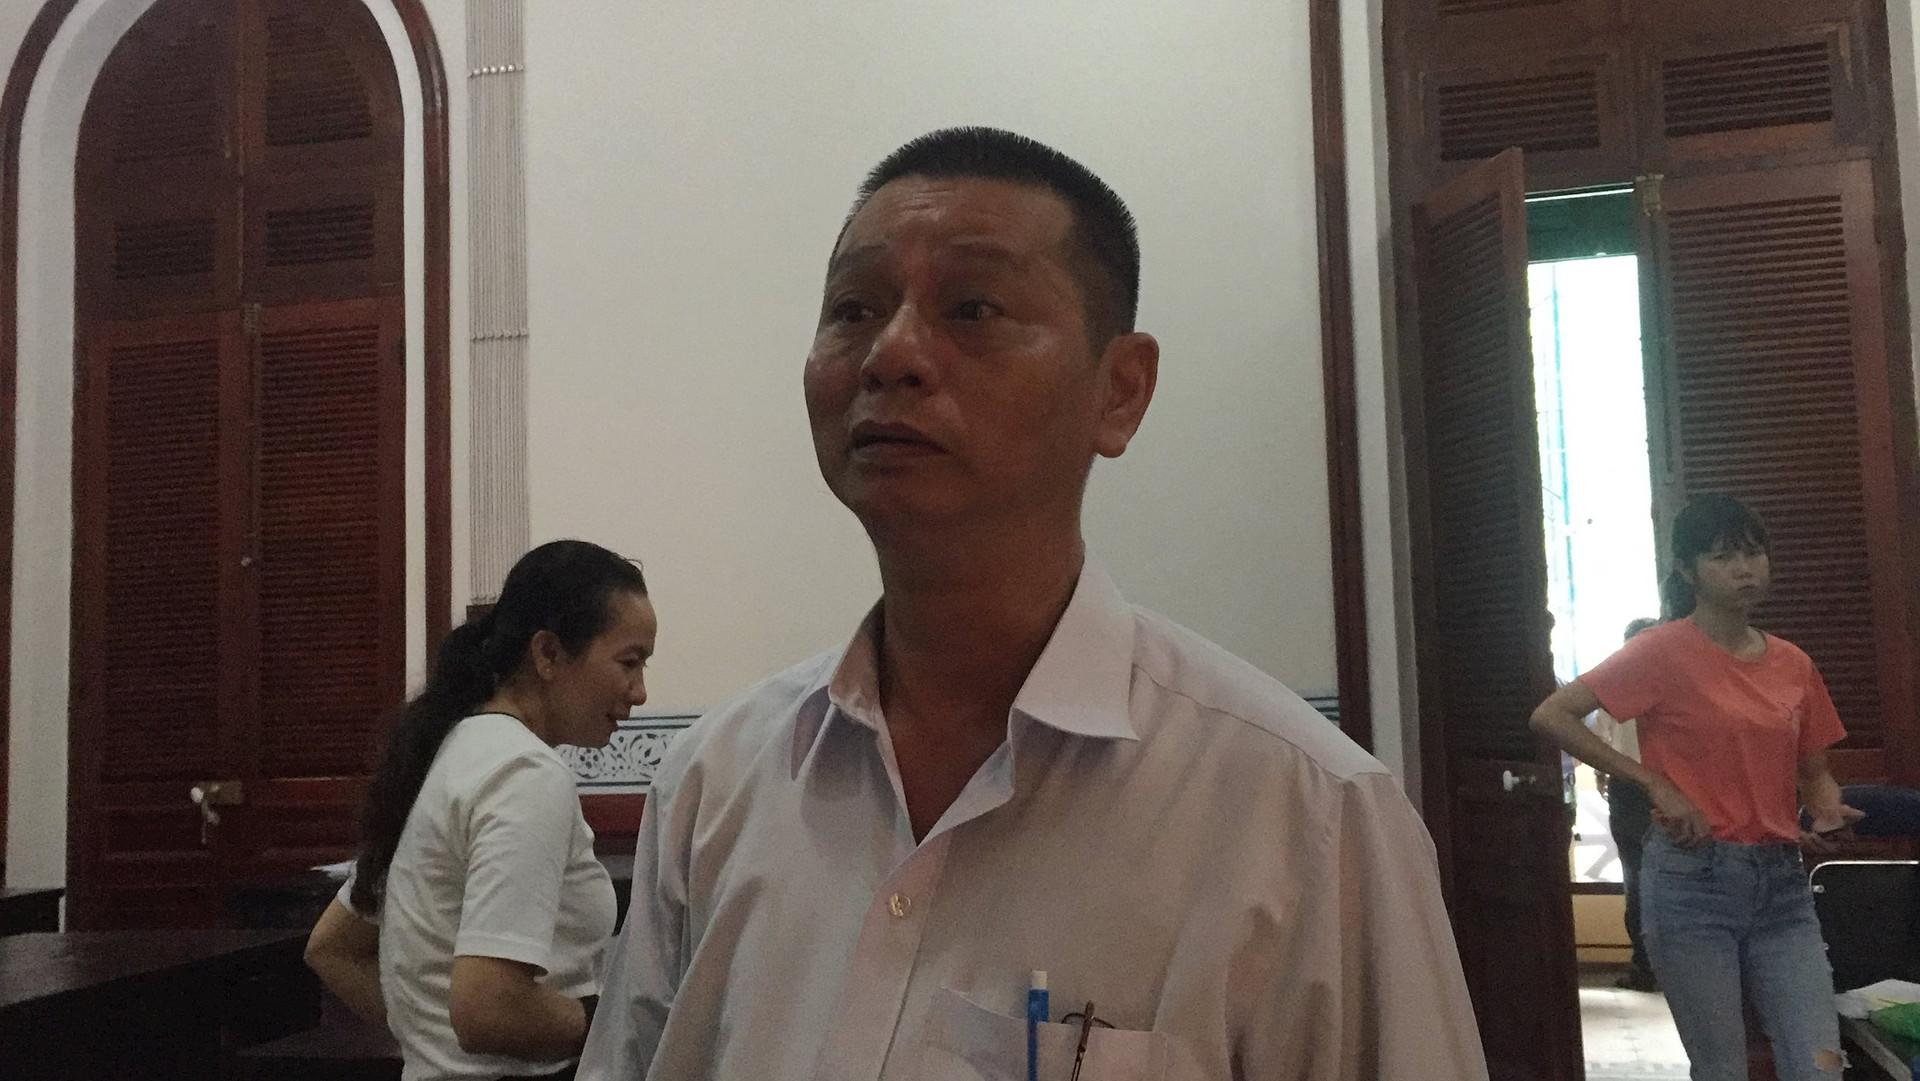 img 0265 - Vụ kiện bài thơ 'Gánh mẹ': Xuất hiện tình tiết bất ngờ, tòa đòi triệu tập vợ nhạc sĩ Quách Beem